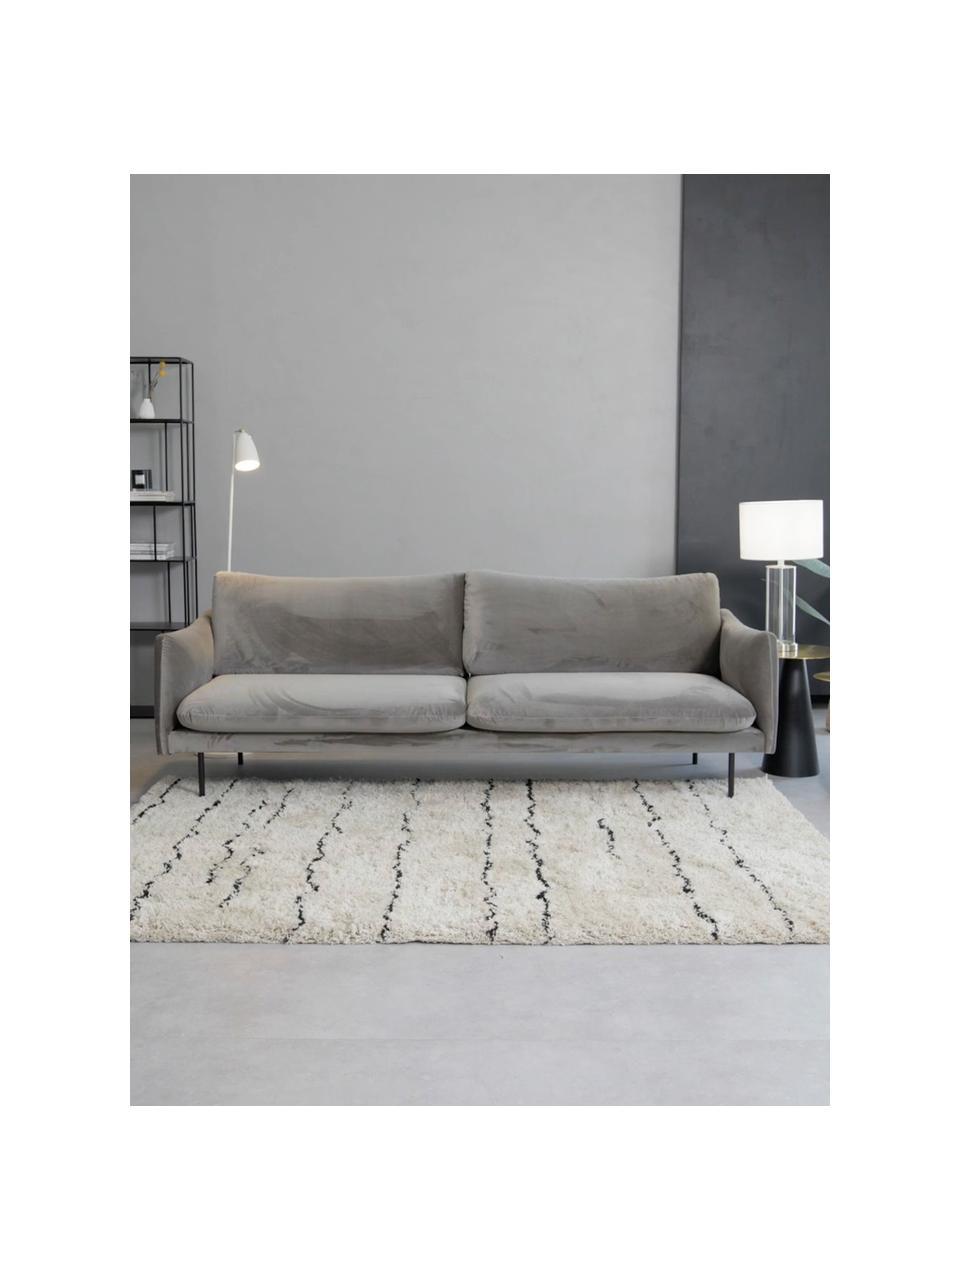 Sofa z aksamitu z metalowymi nogami Moby (3-osobowa), Tapicerka: aksamit (wysokiej jakości, Stelaż: lite drewno sosnowe, Nogi: metal malowany proszkowo, Aksamitny szarobrązowy, S 220 x G 95 cm